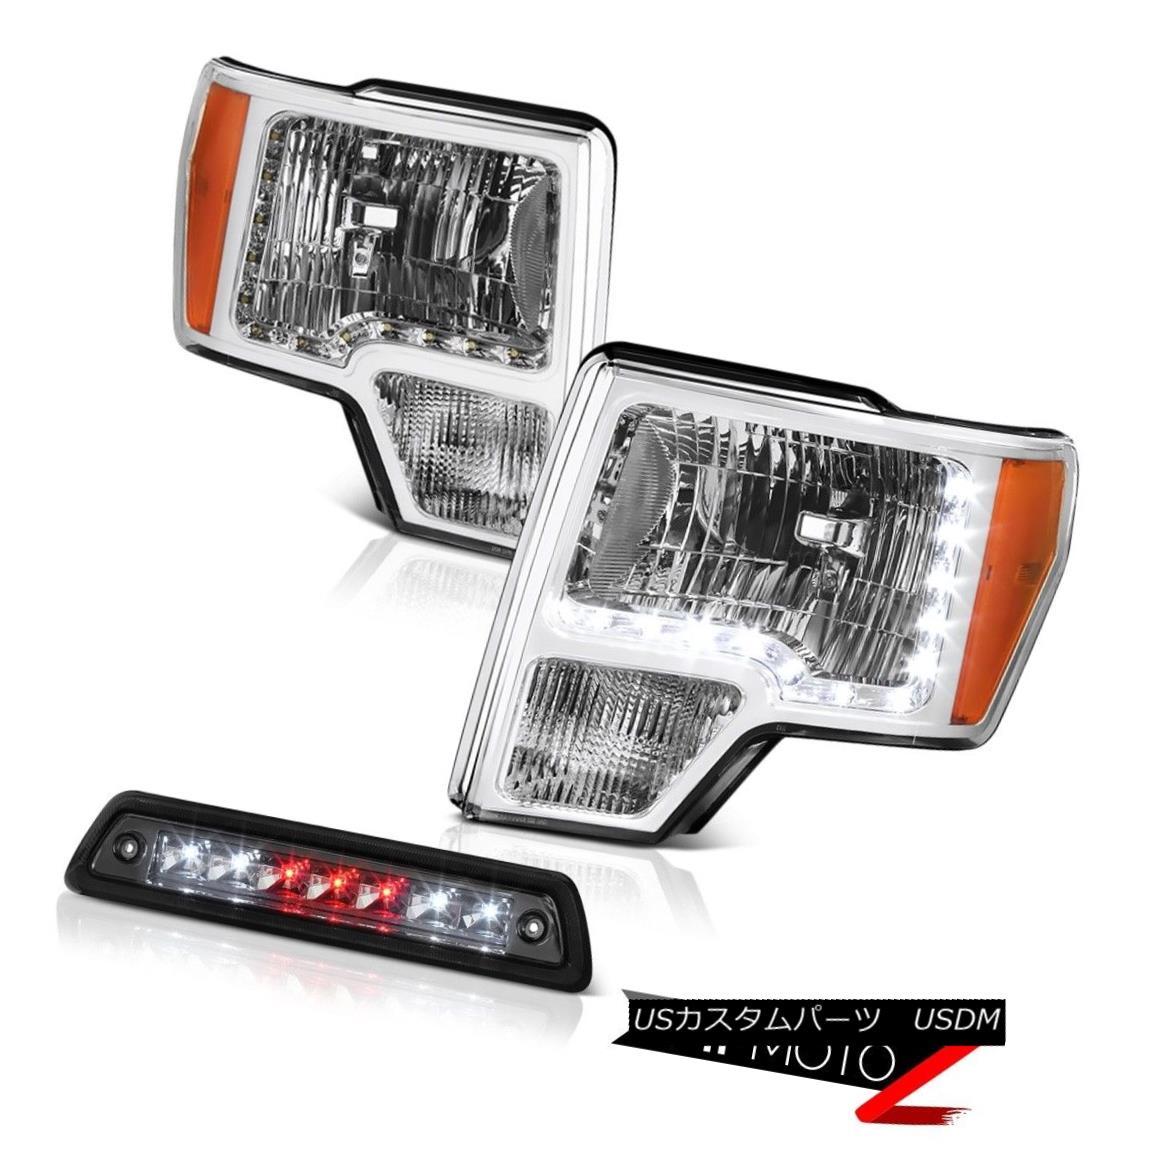 テールライト 09-14 F150 5.4L Dark smoke third brake lamp crystal clear headlamps led drl LED 09-14 F150 5.4L暗い煙の第3ブレーキランプクリスタルクリアヘッドランプledのLED